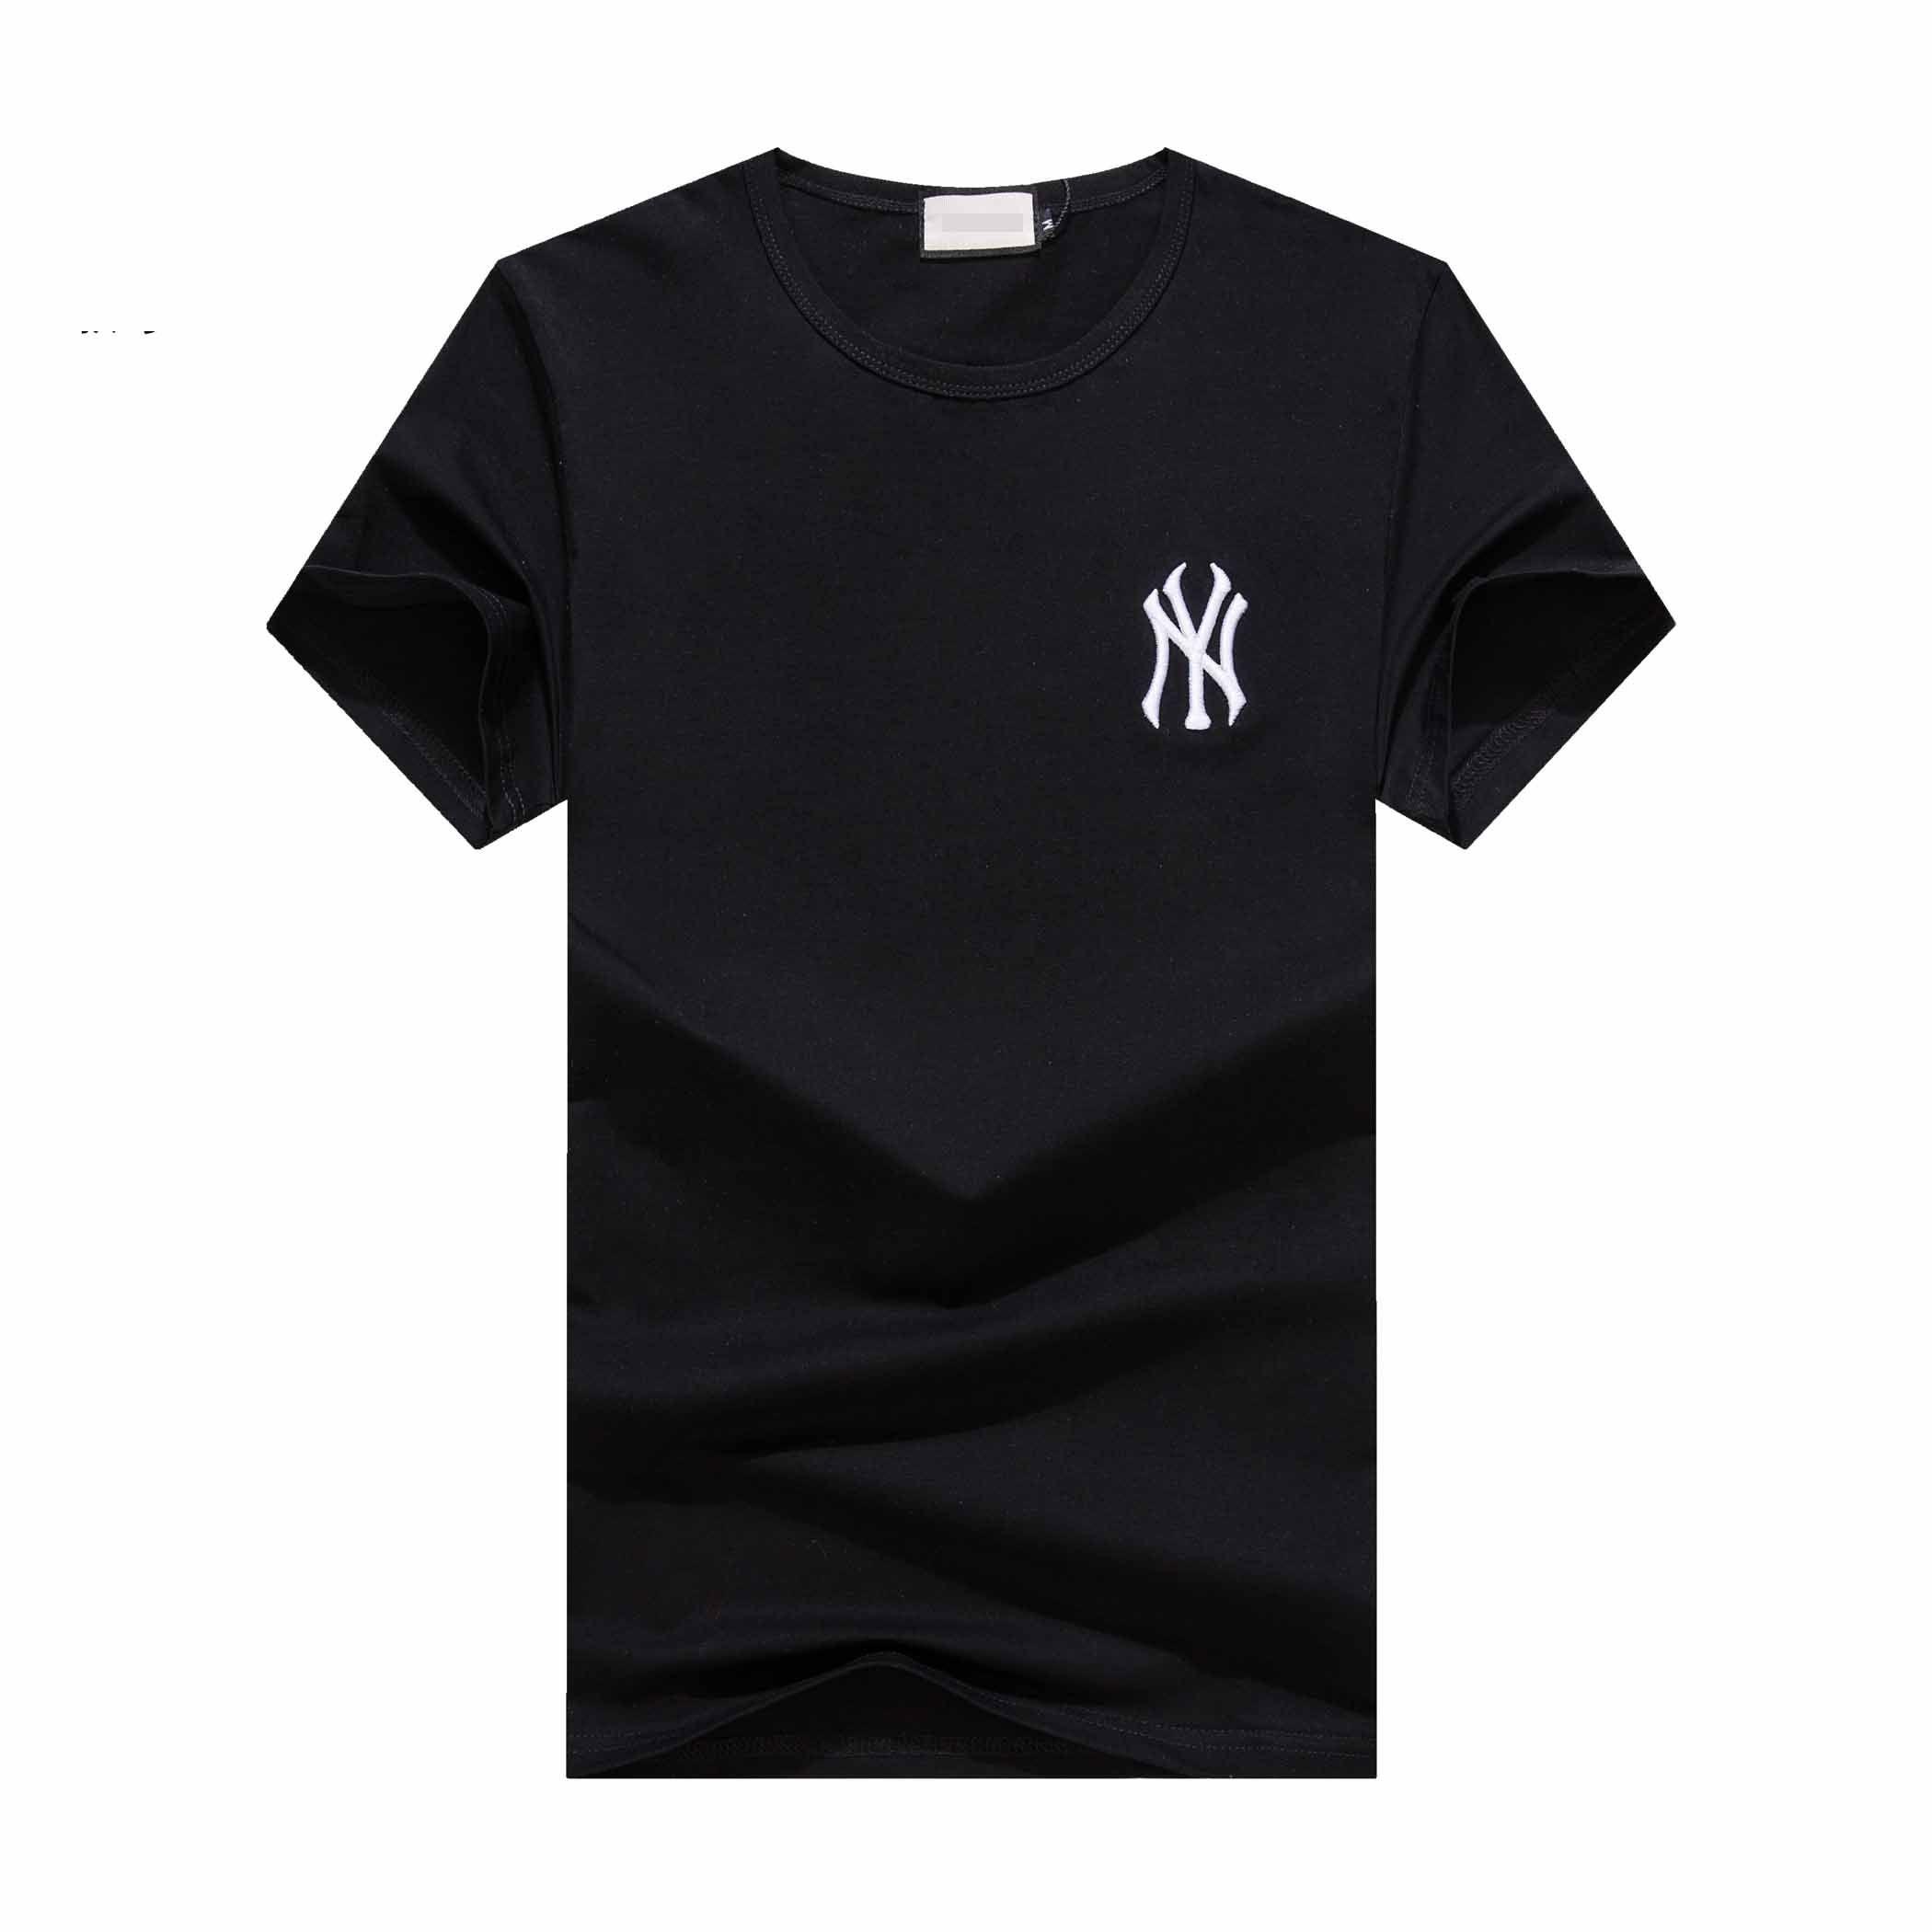 Роскошные дизайнерские футболки рубашки 100% Повседневная Одежда Материал Натяжной Одежда из натурального шелка Классических Пляжный с коротким рукавом для Mens рубашка поло